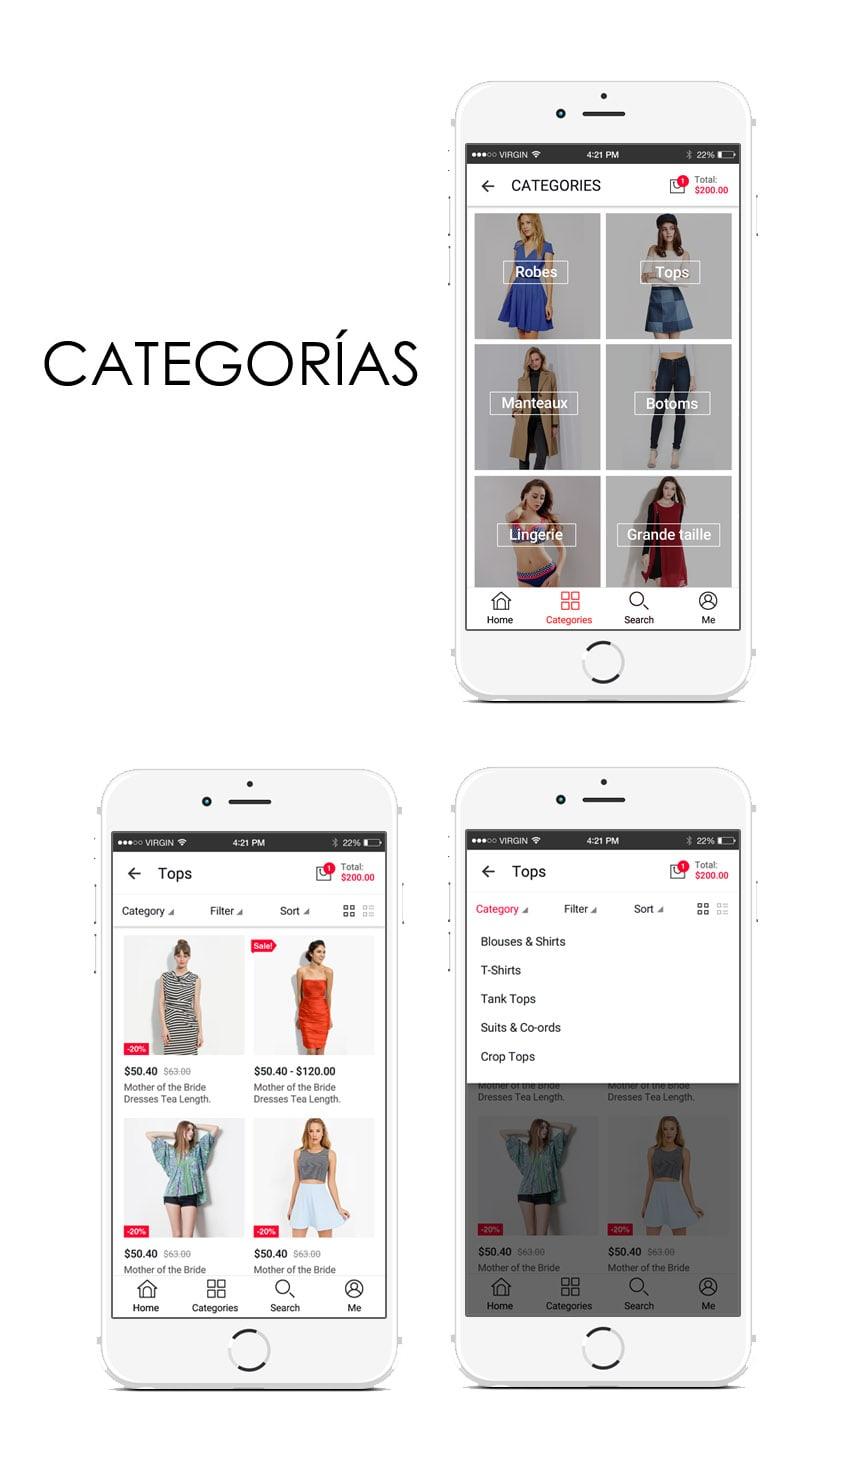 categorías en una aplicación